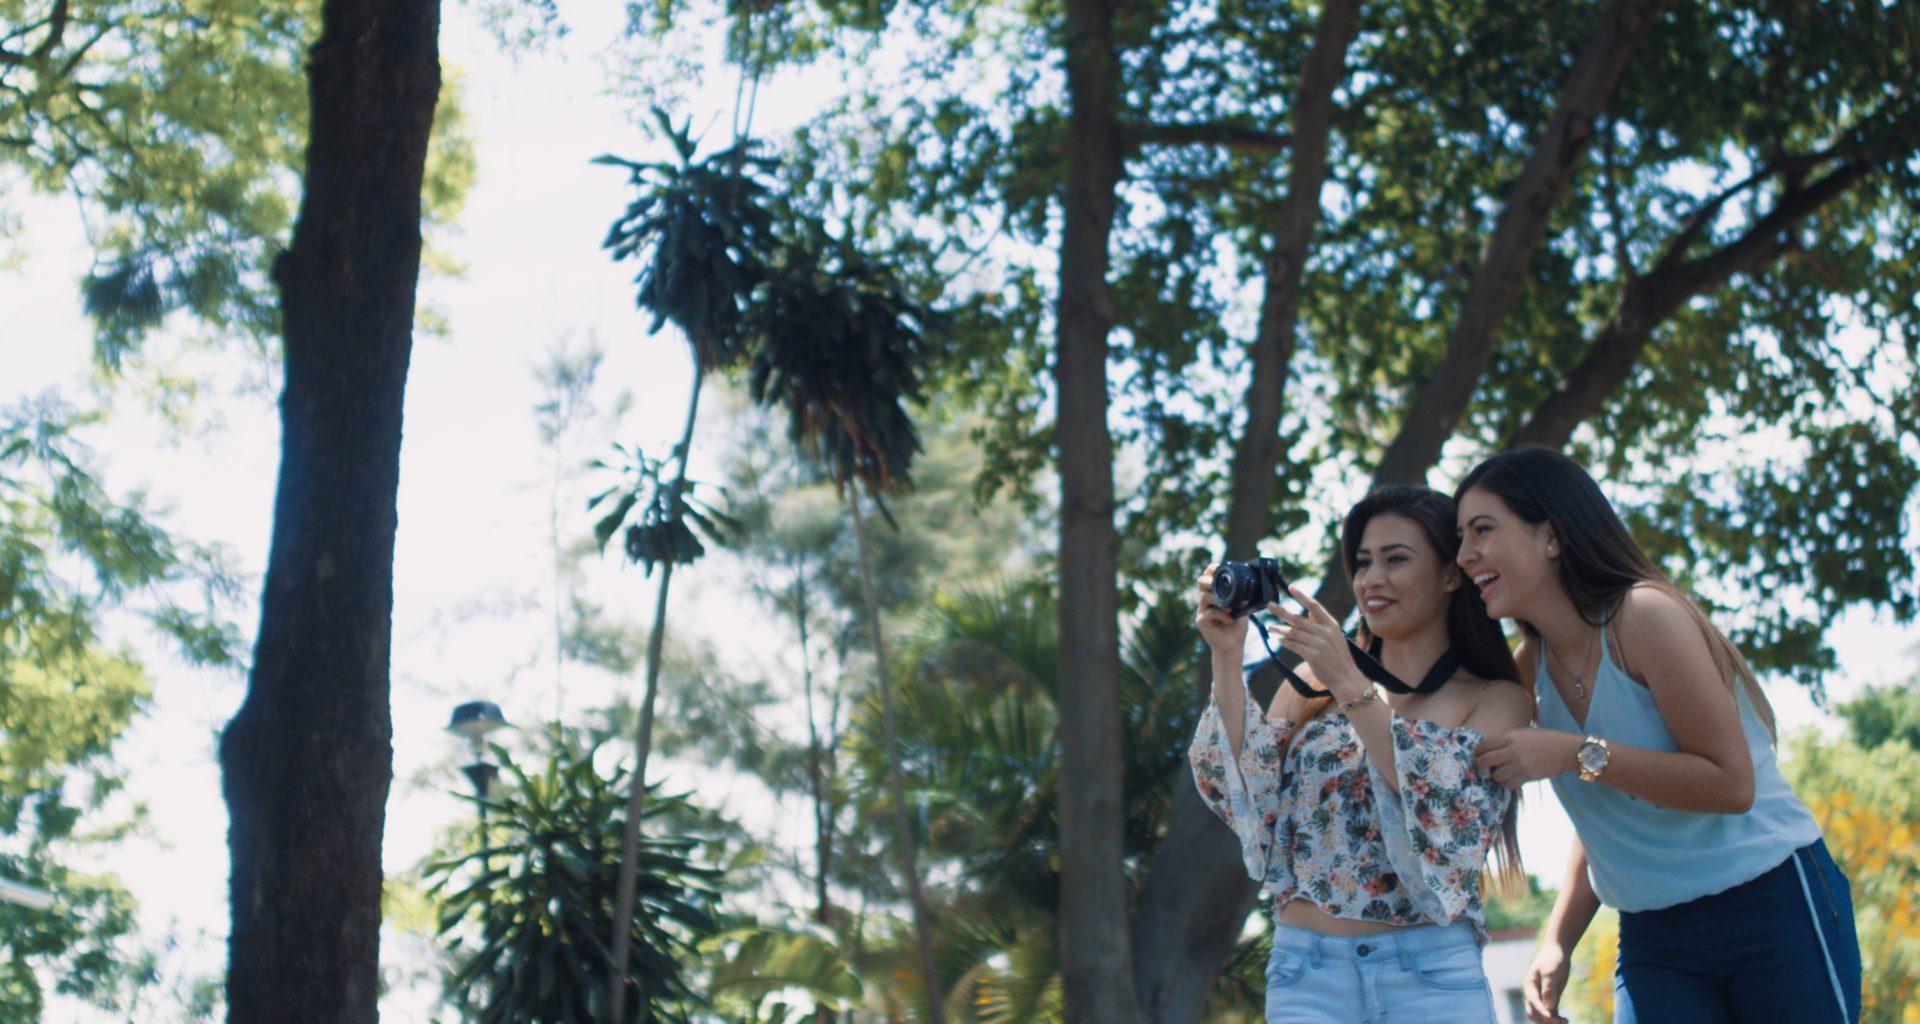 Parque Tlatenango Cuernavaca Morelos